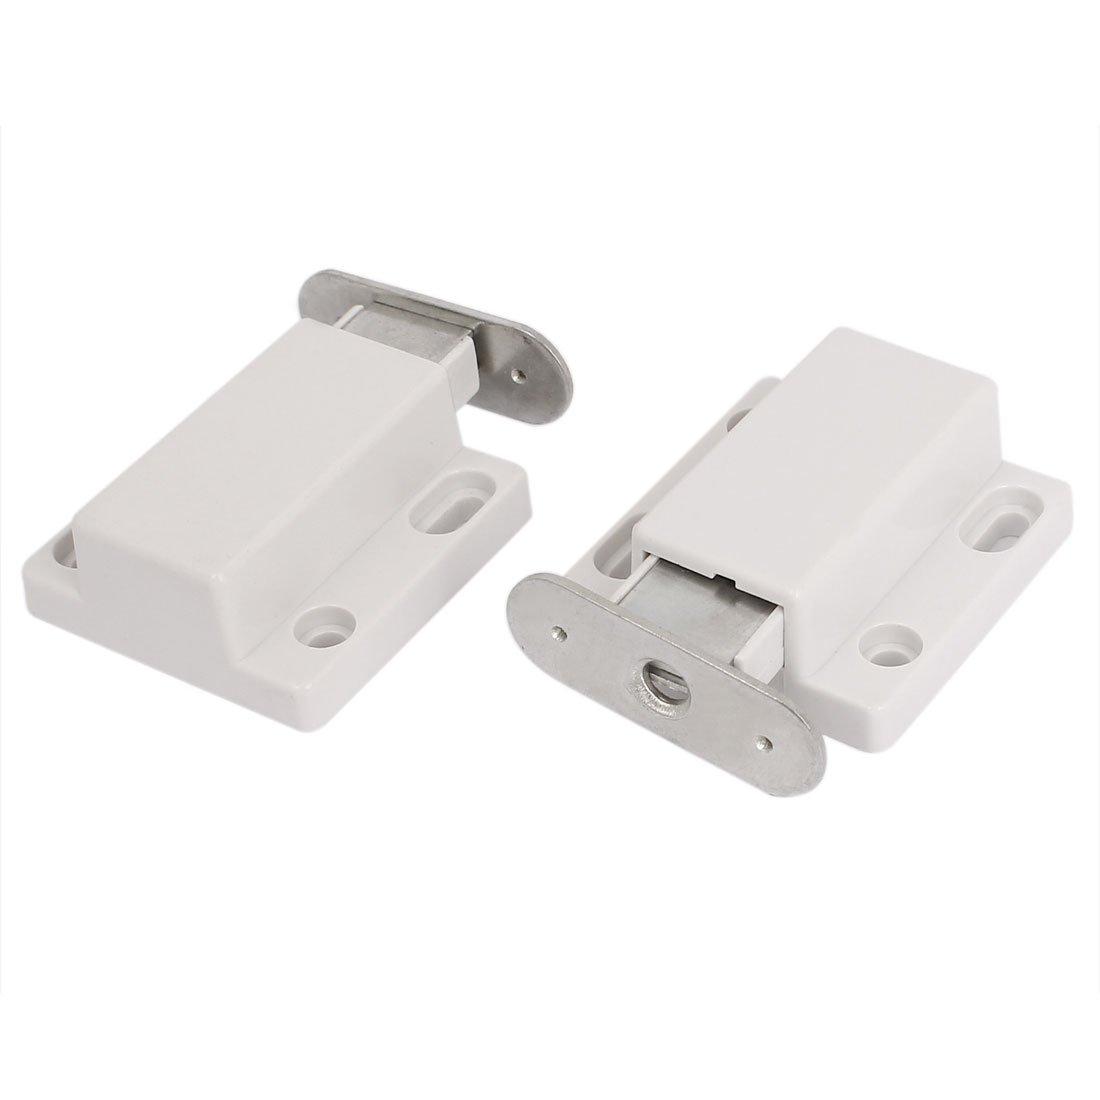 Möbel schrank schrank tür magnetverschluss latch stopper 2 stück ...